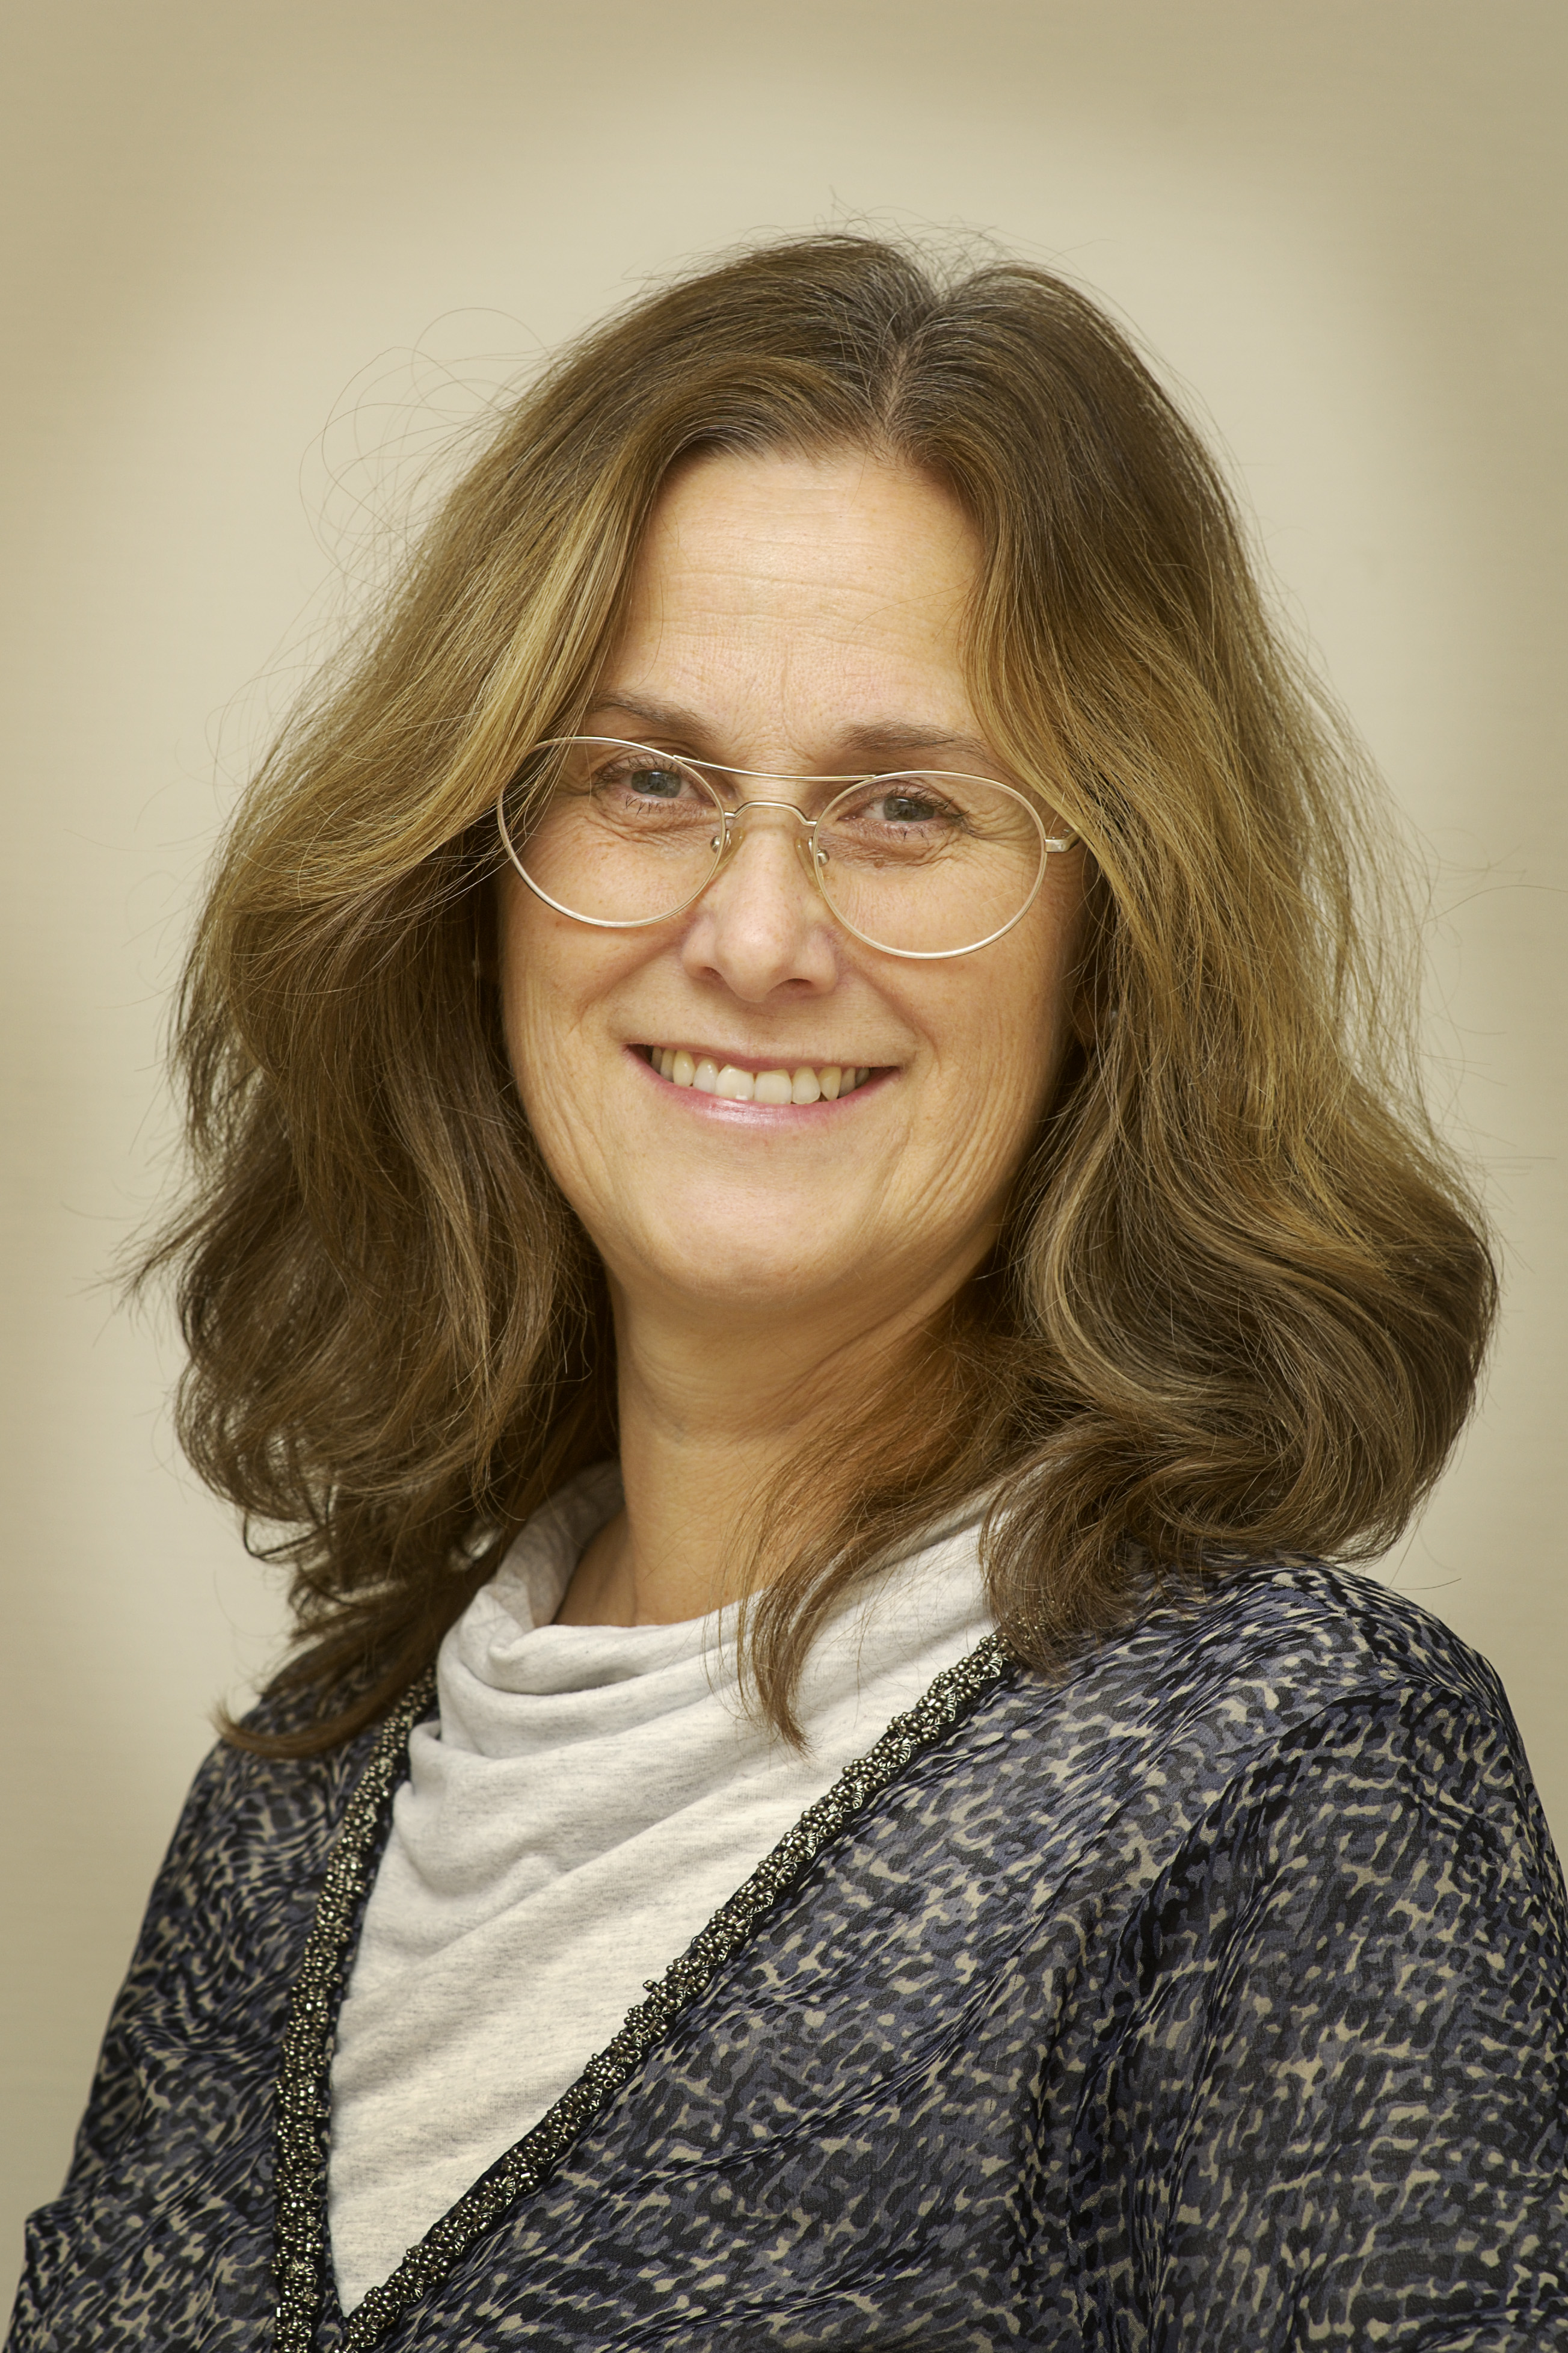 Christina Simonsson